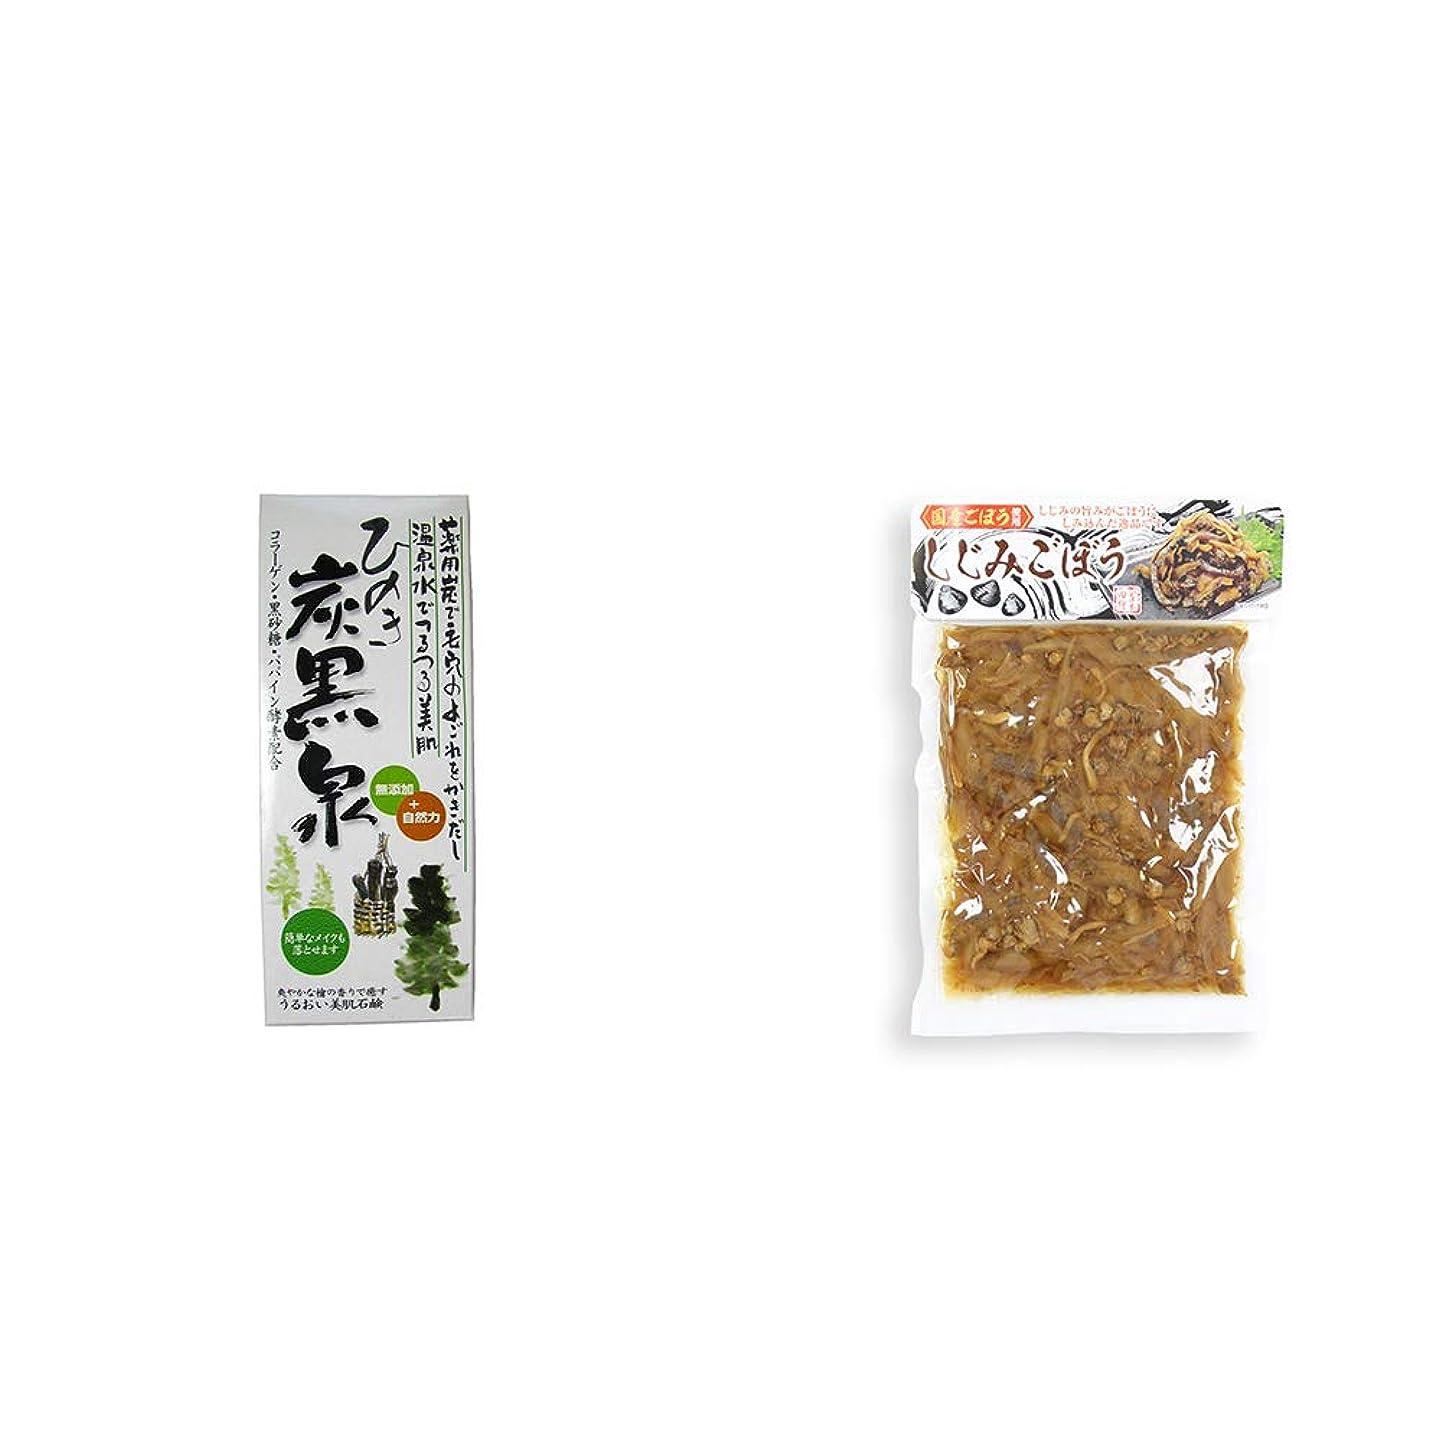 食物通り結果[2点セット] ひのき炭黒泉 箱入り(75g×3)?しじみごぼう(300g)